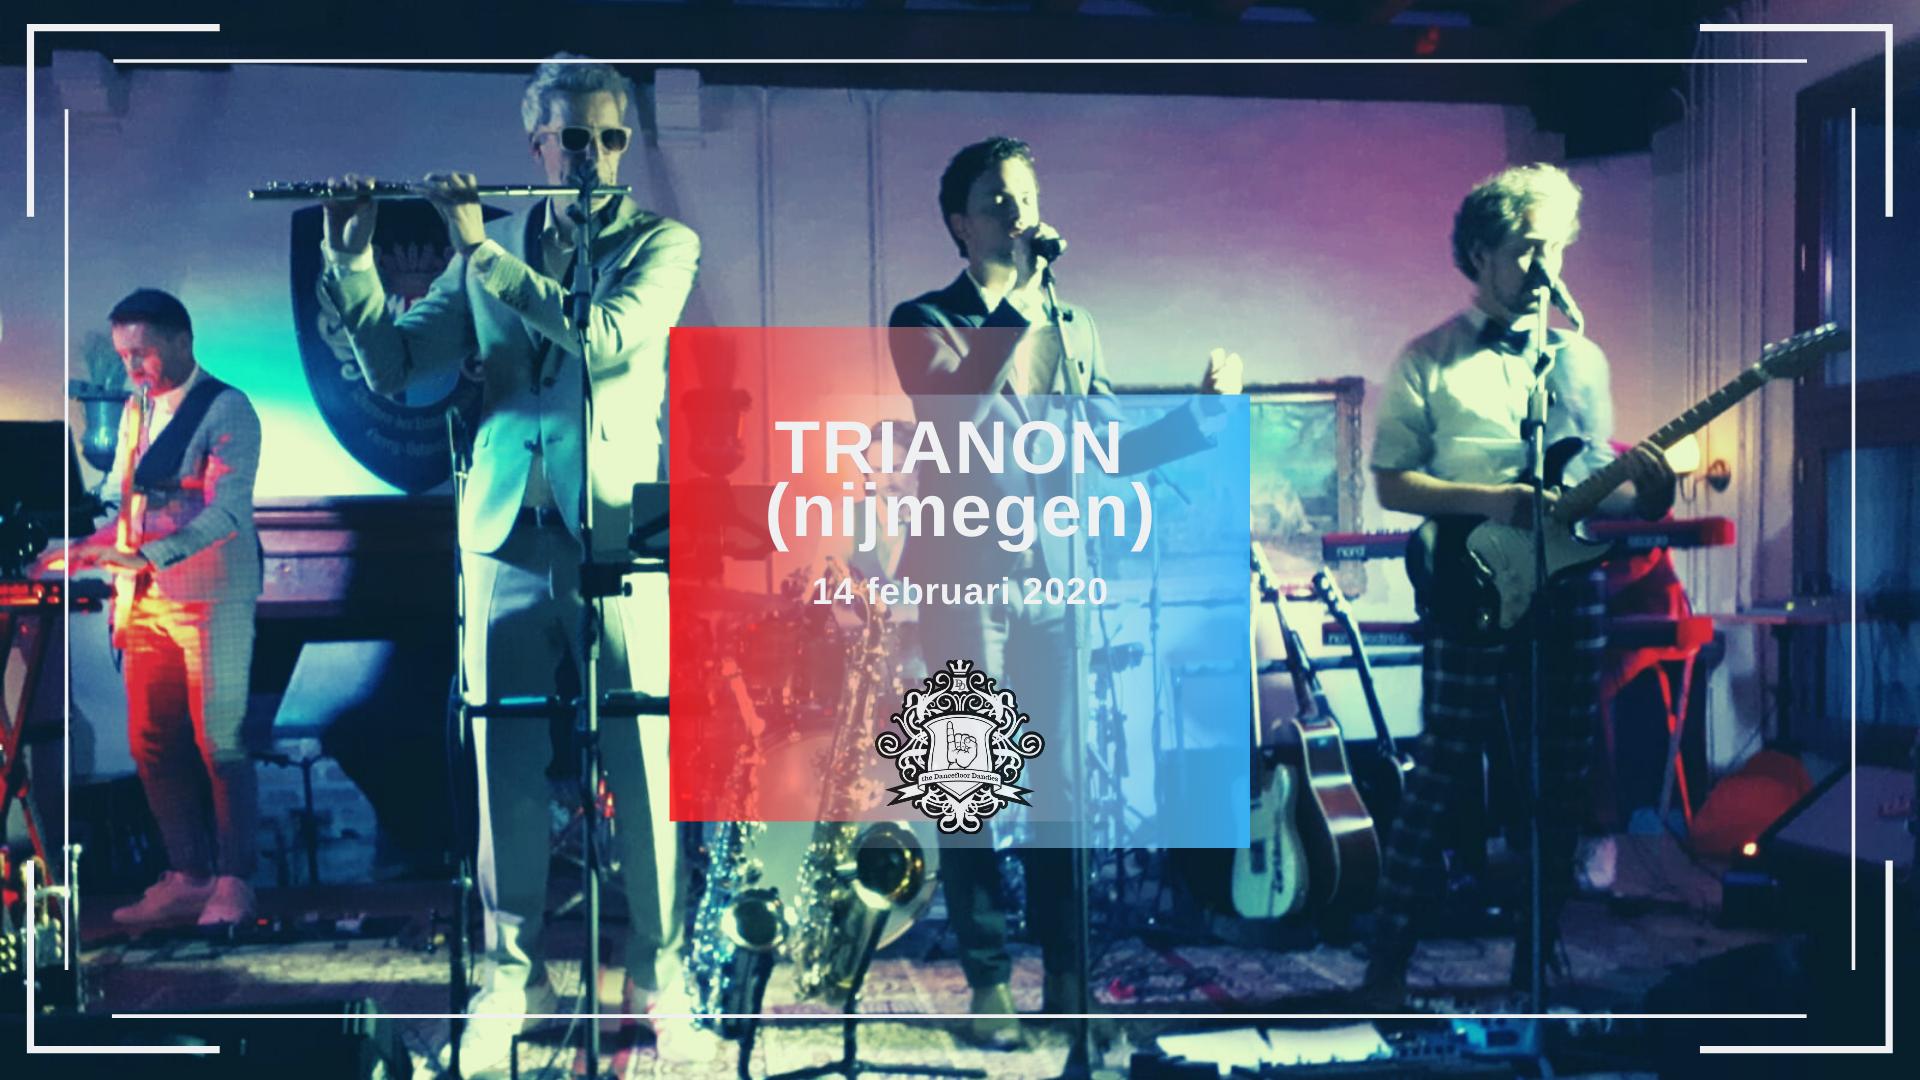 14 febr 2020 - Trianon - coverband the Dancefloor Dandies - feest met blazers